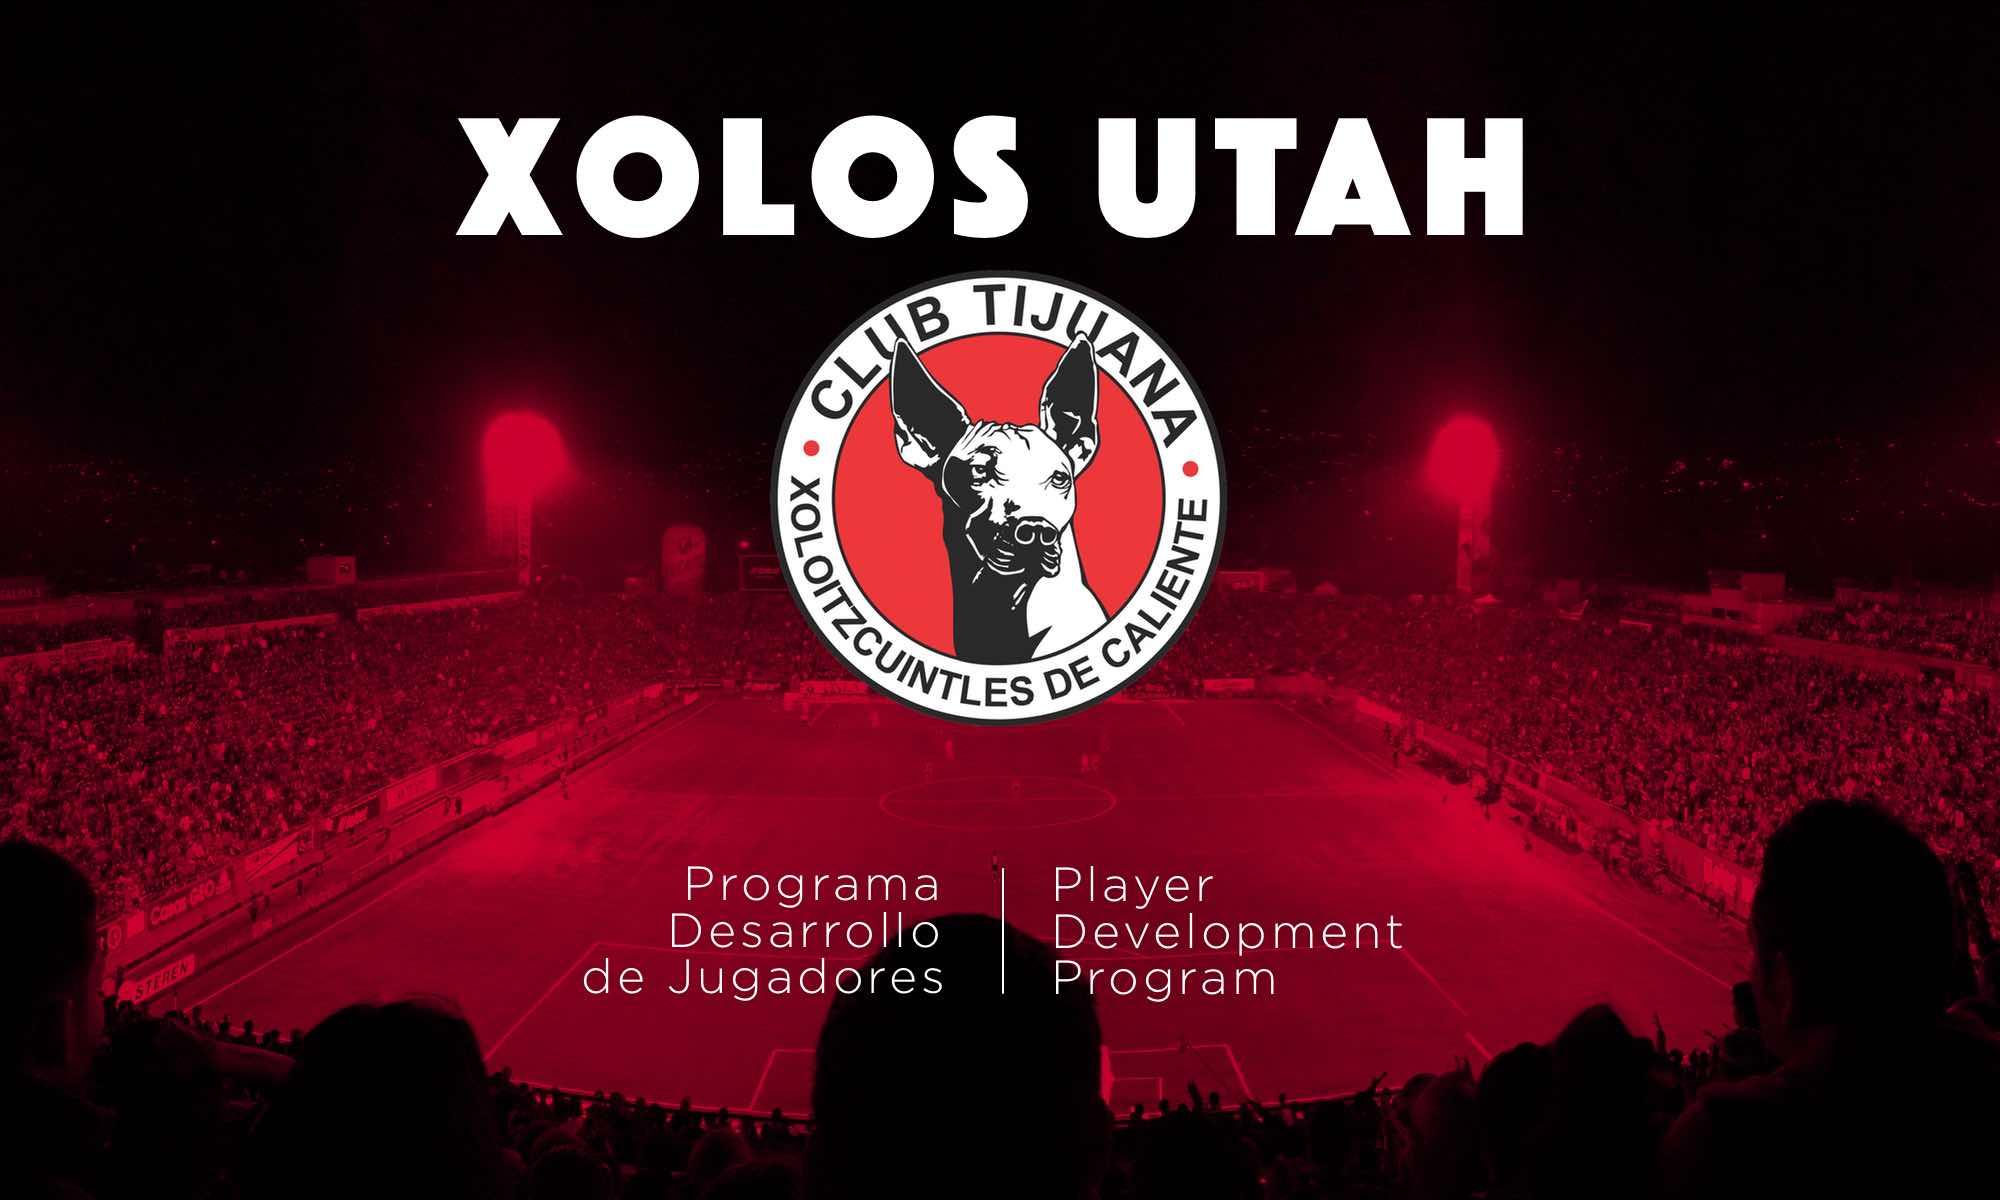 Xolos Utah